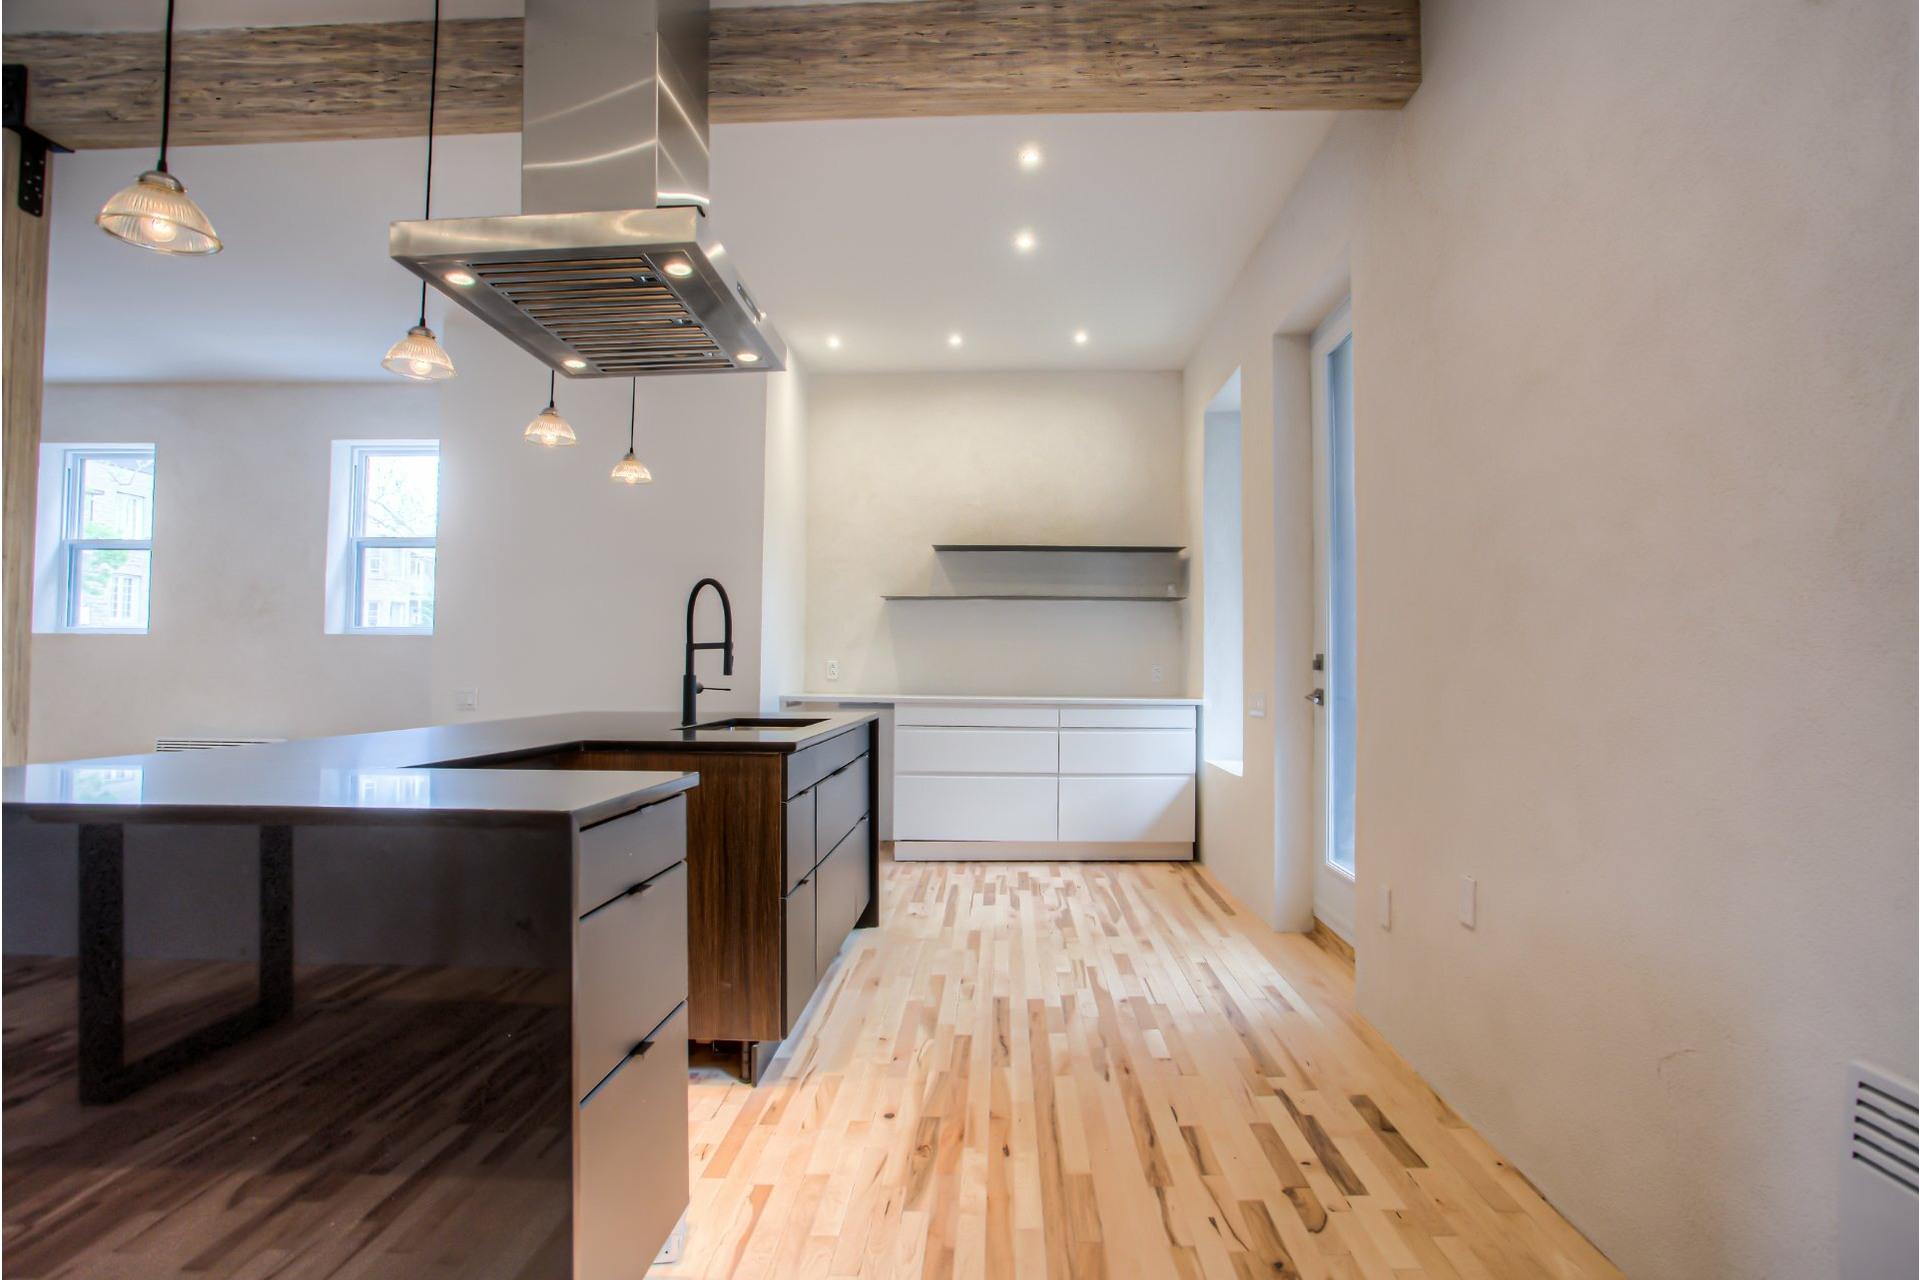 image 9 - Duplex À vendre Mercier/Hochelaga-Maisonneuve Montréal  - 4 pièces